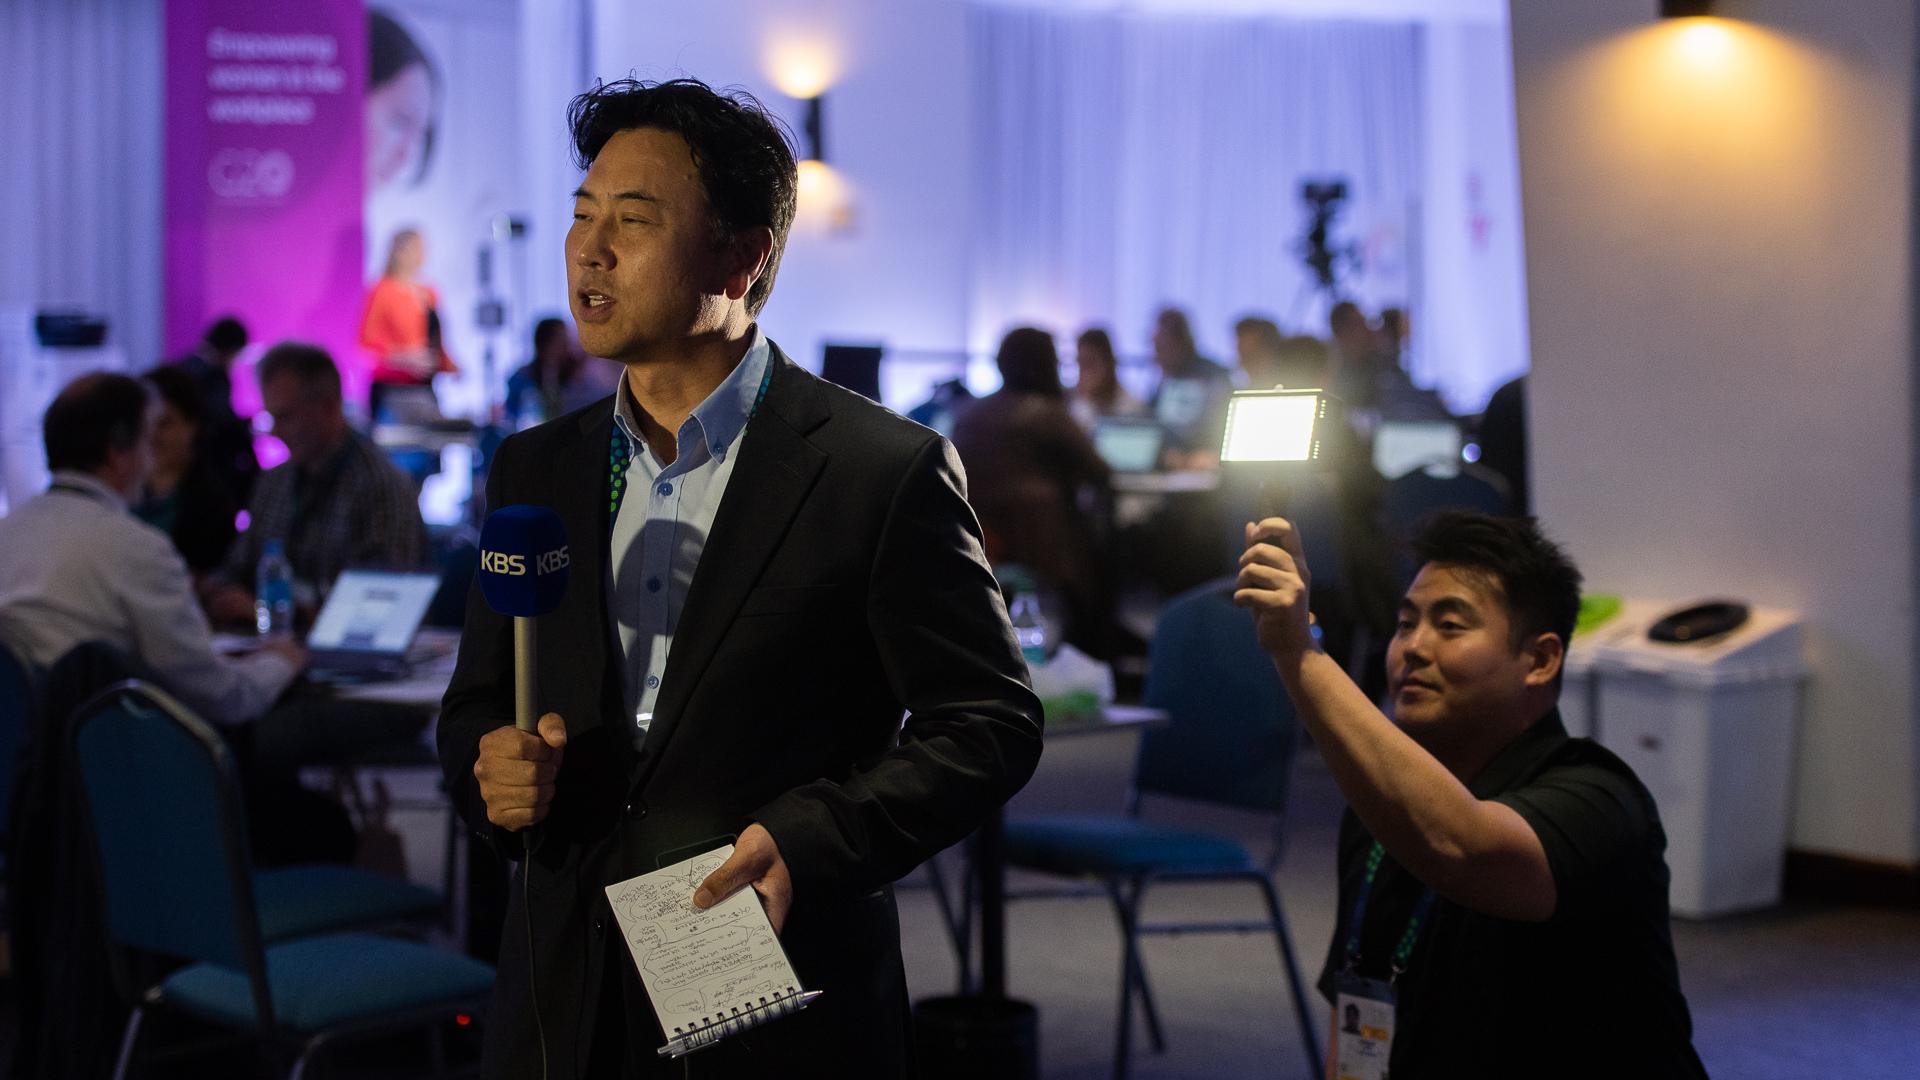 Un reportero de la cadena coreana de noticias KBS